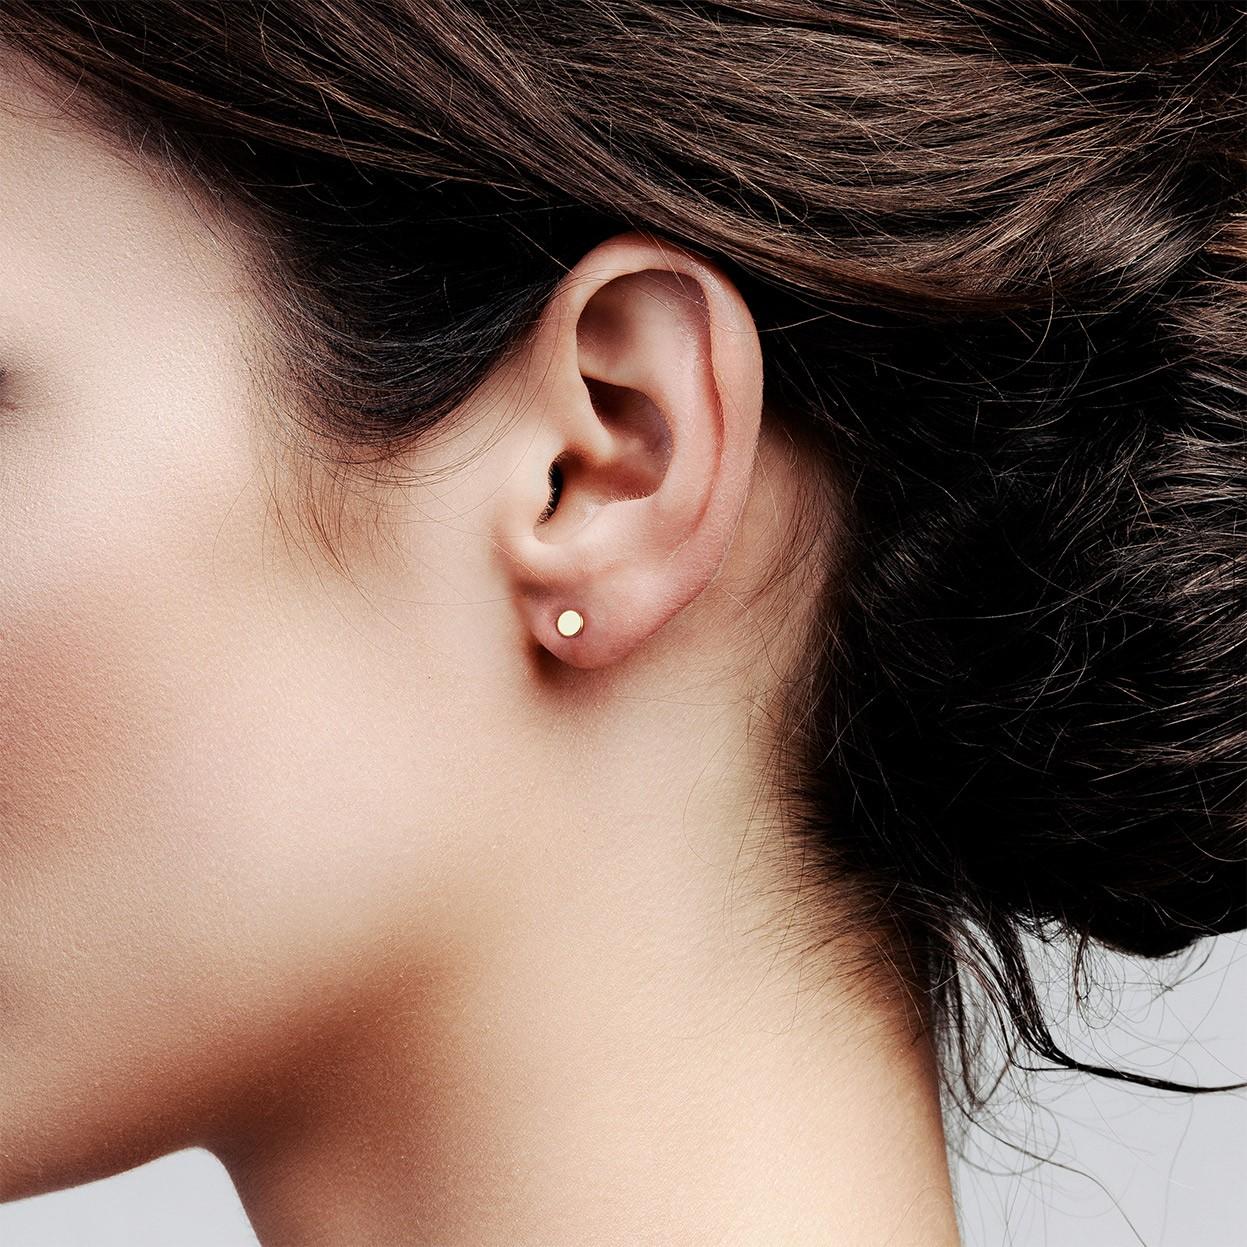 Round flat 4mm earrings